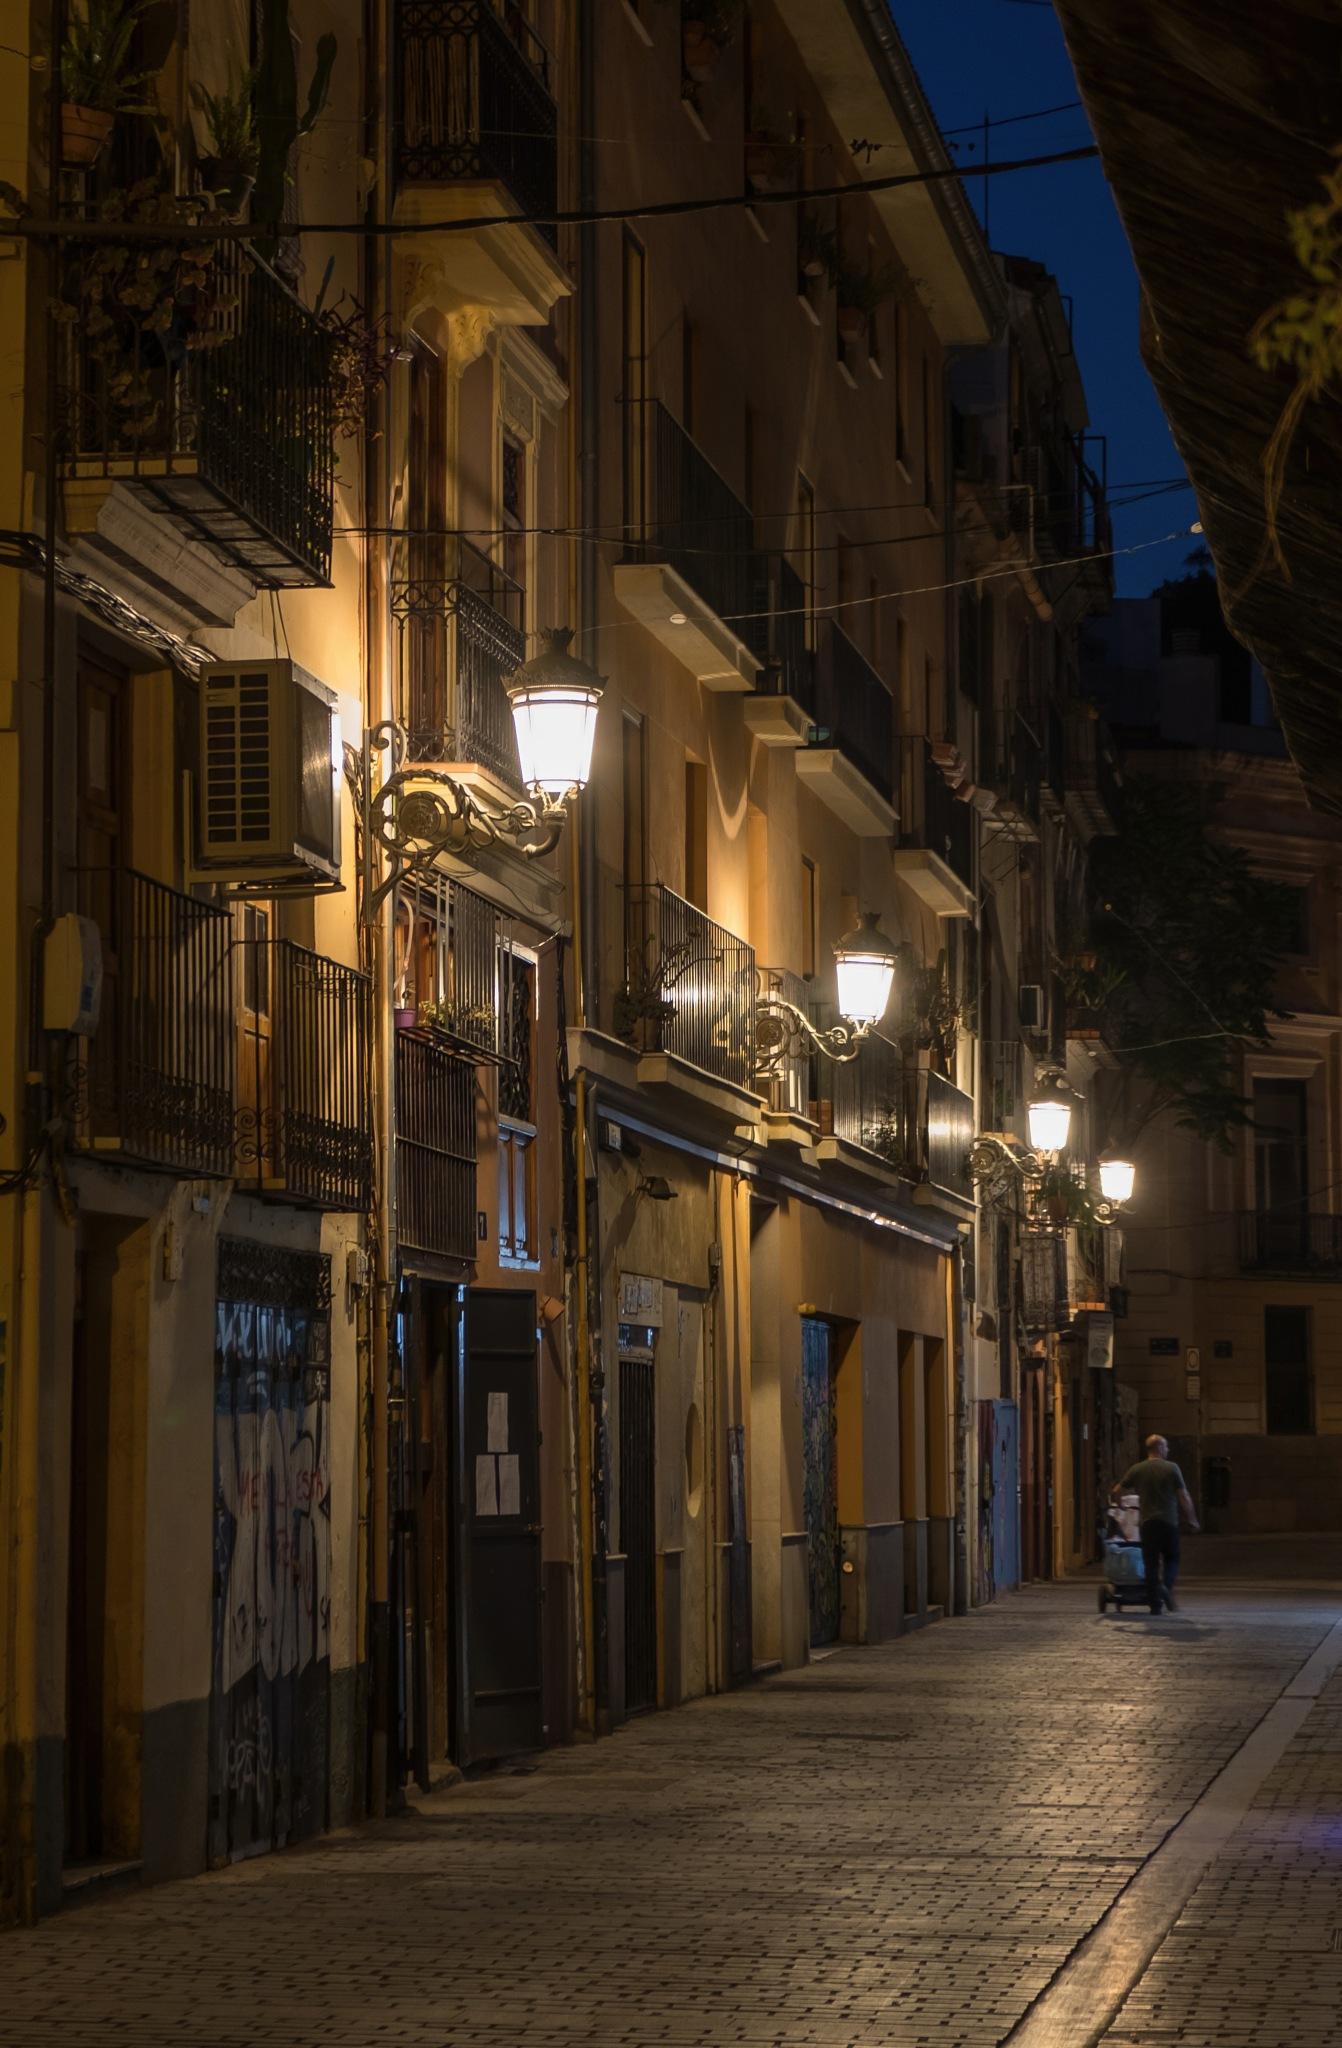 night walk by Alex Verweij